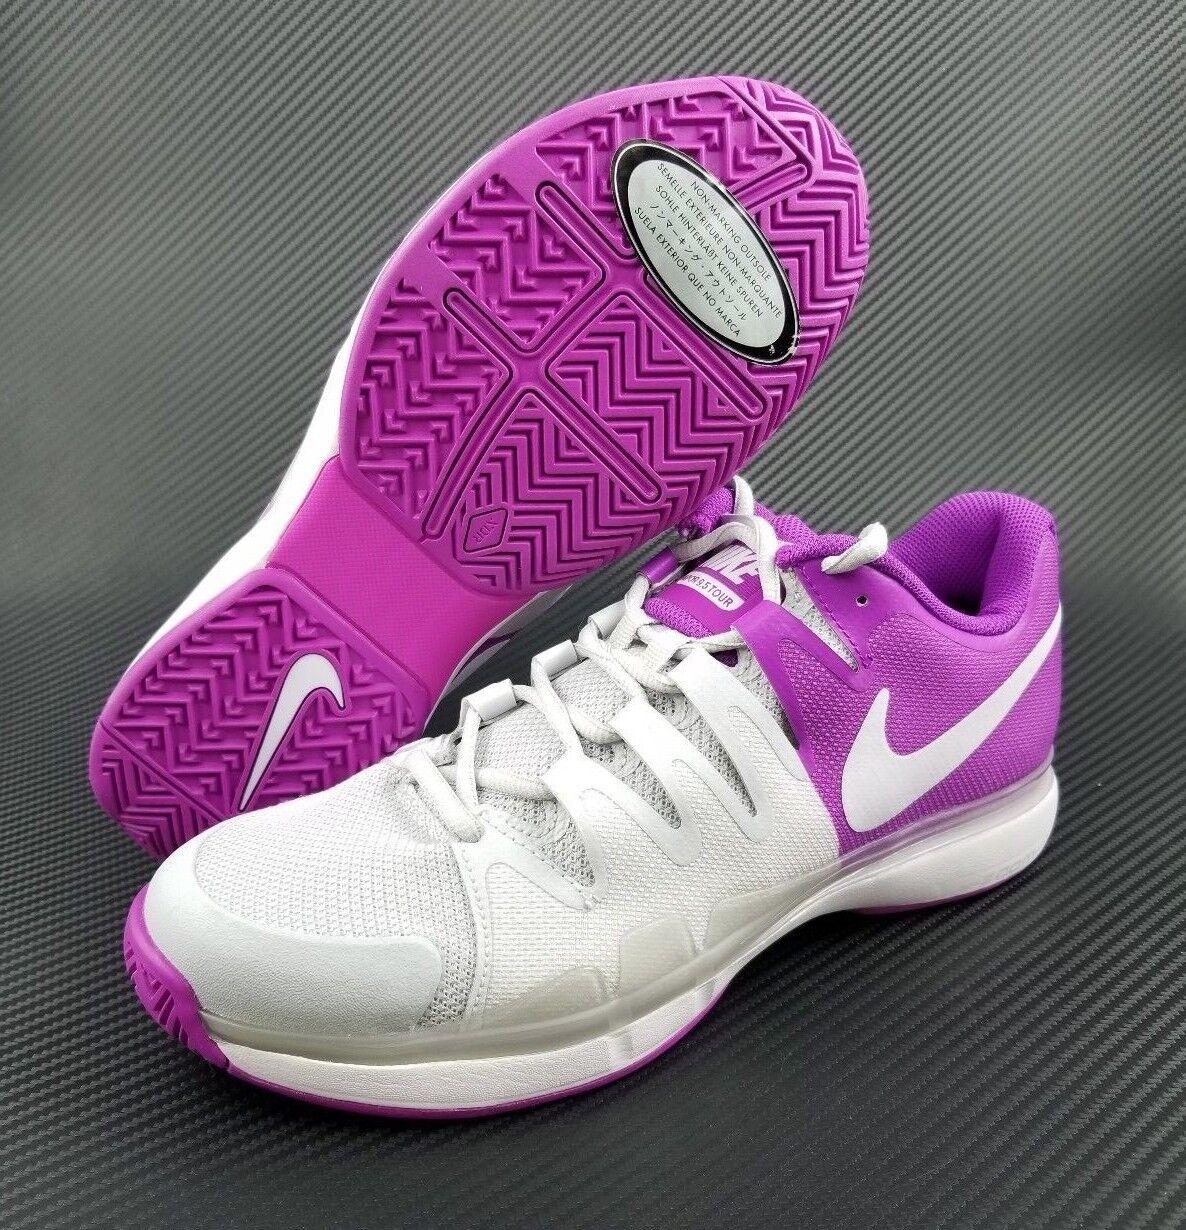 Women's Nike Zoom Vapor 9.5 Tour 631475 003 Tennis Shoes Purple SIZE 9 $160